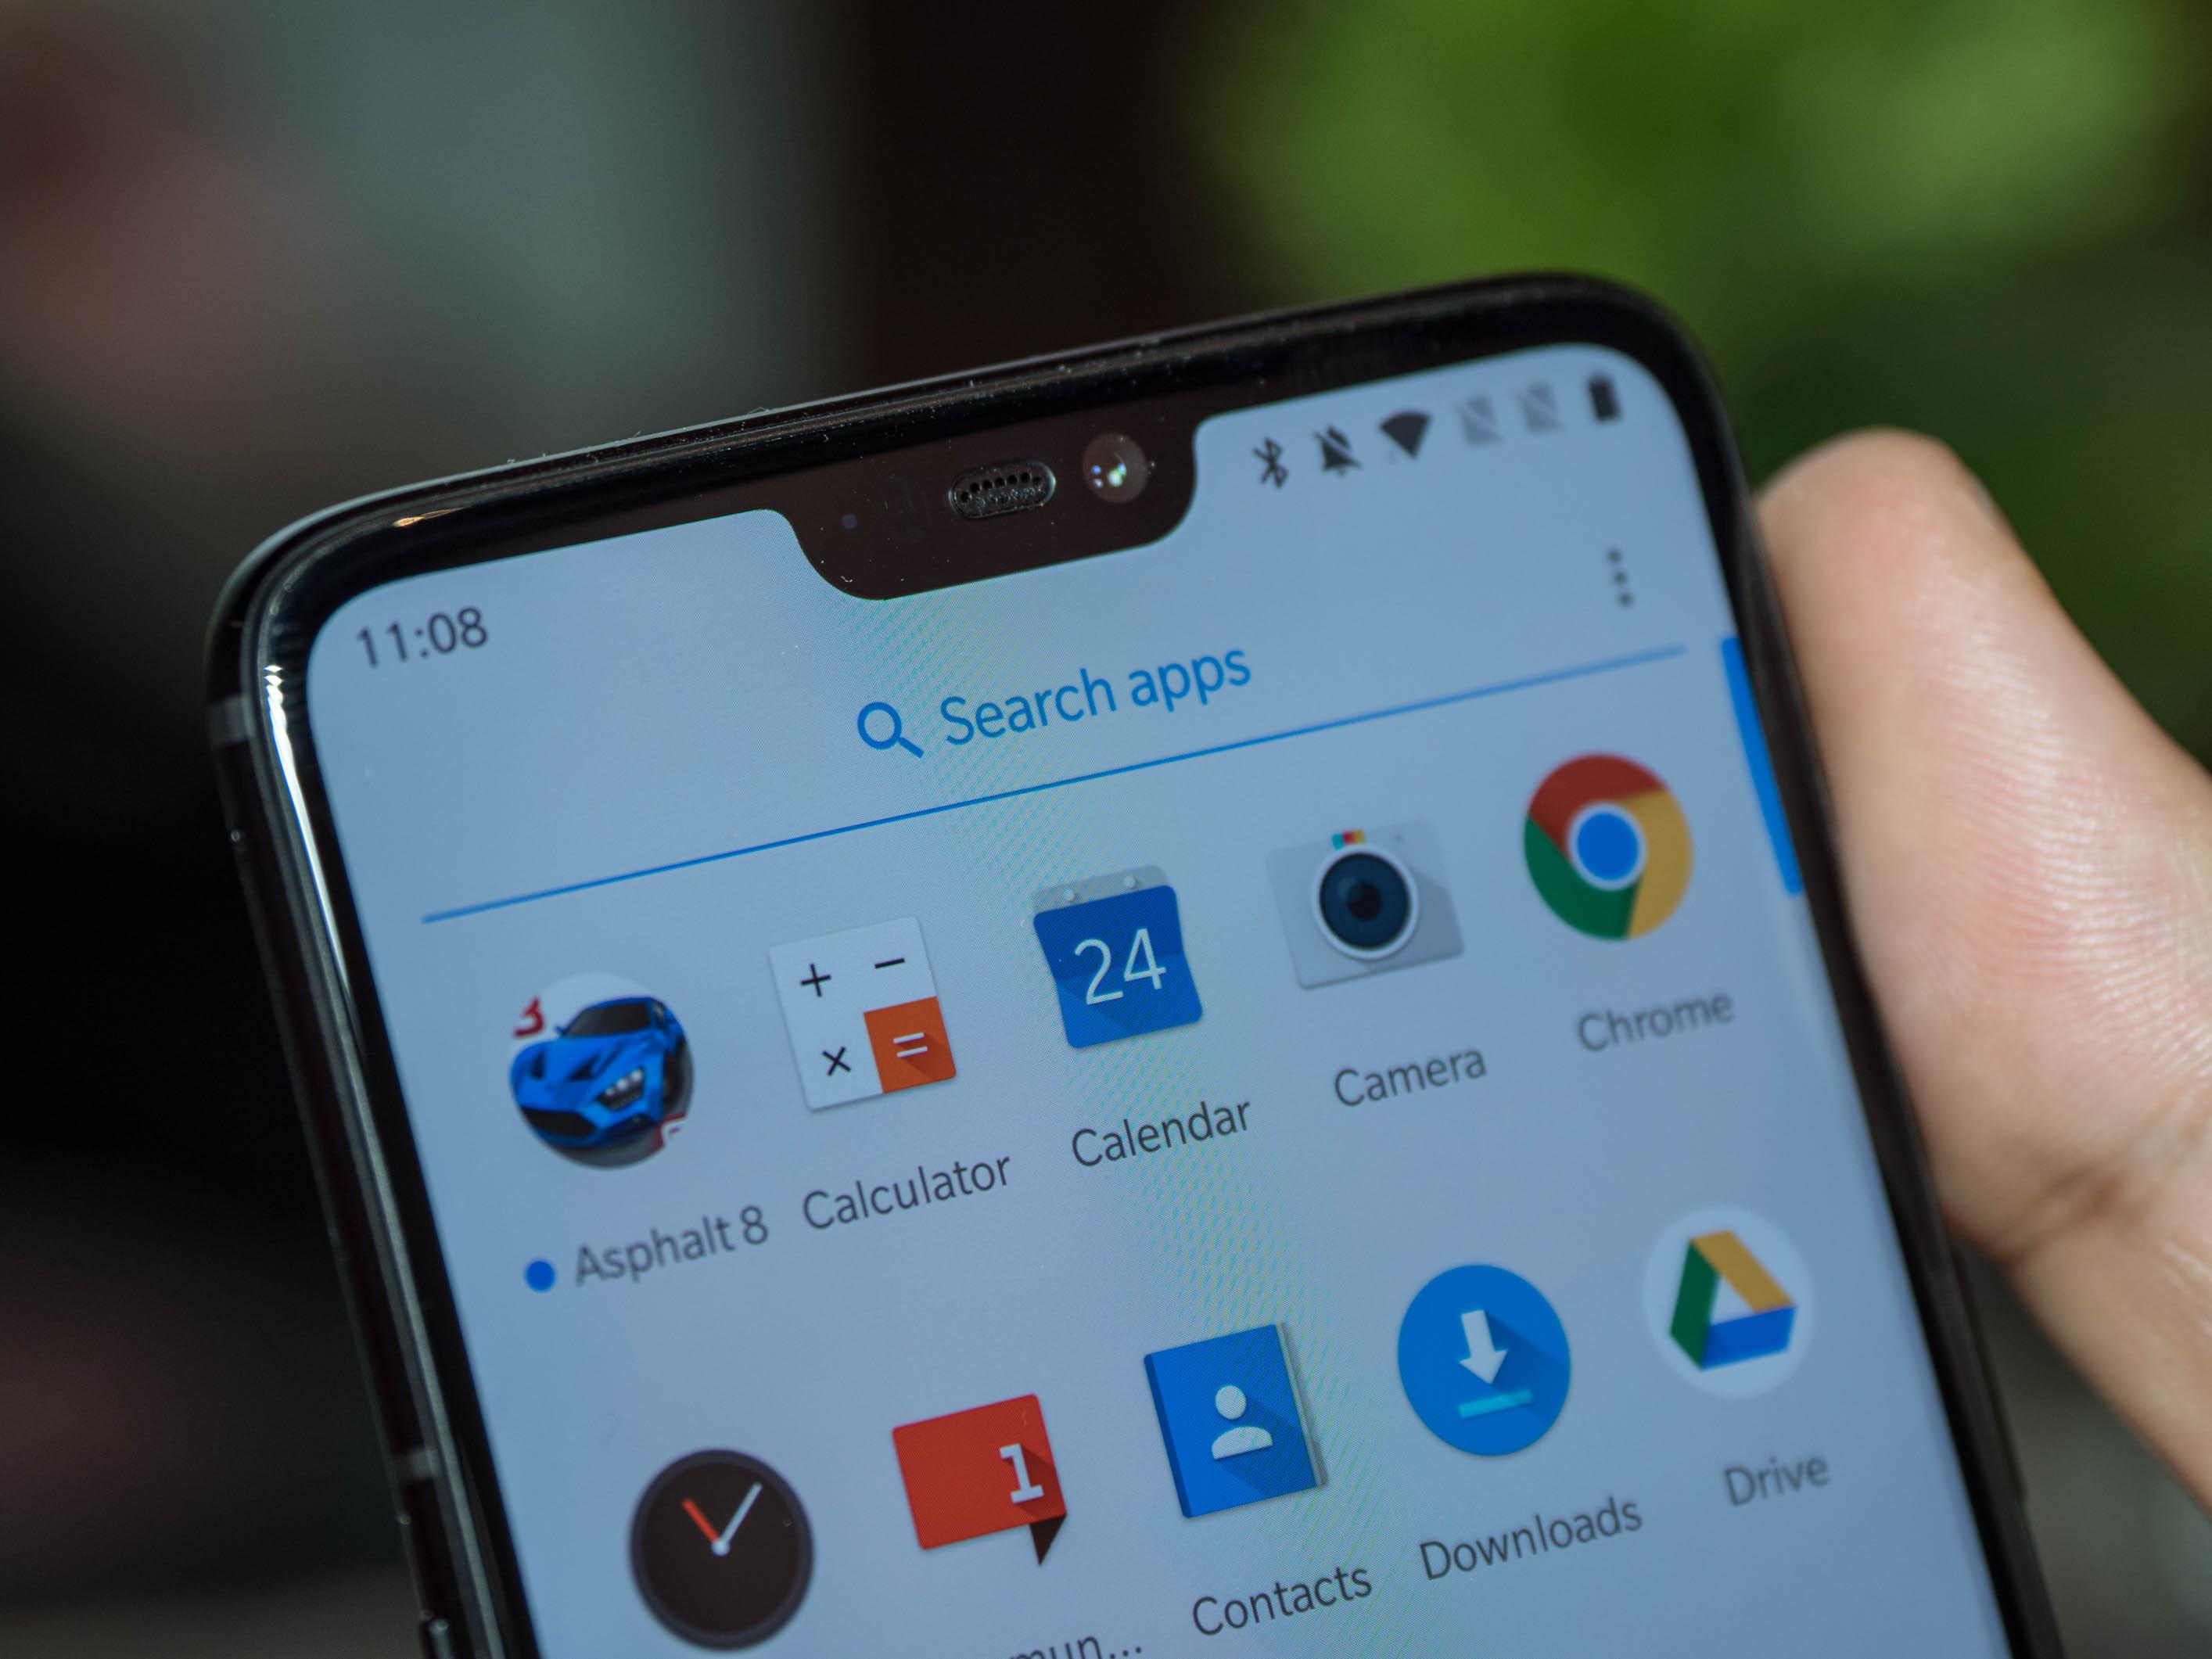 Android-Smartphone: Neues Oneplus 6 kostet ab 520 Euro - Diese Notch beinhaltet die Frontkamera sowie verschiedene Sensoren. (Bild: Martin Wolf/Golem.de)